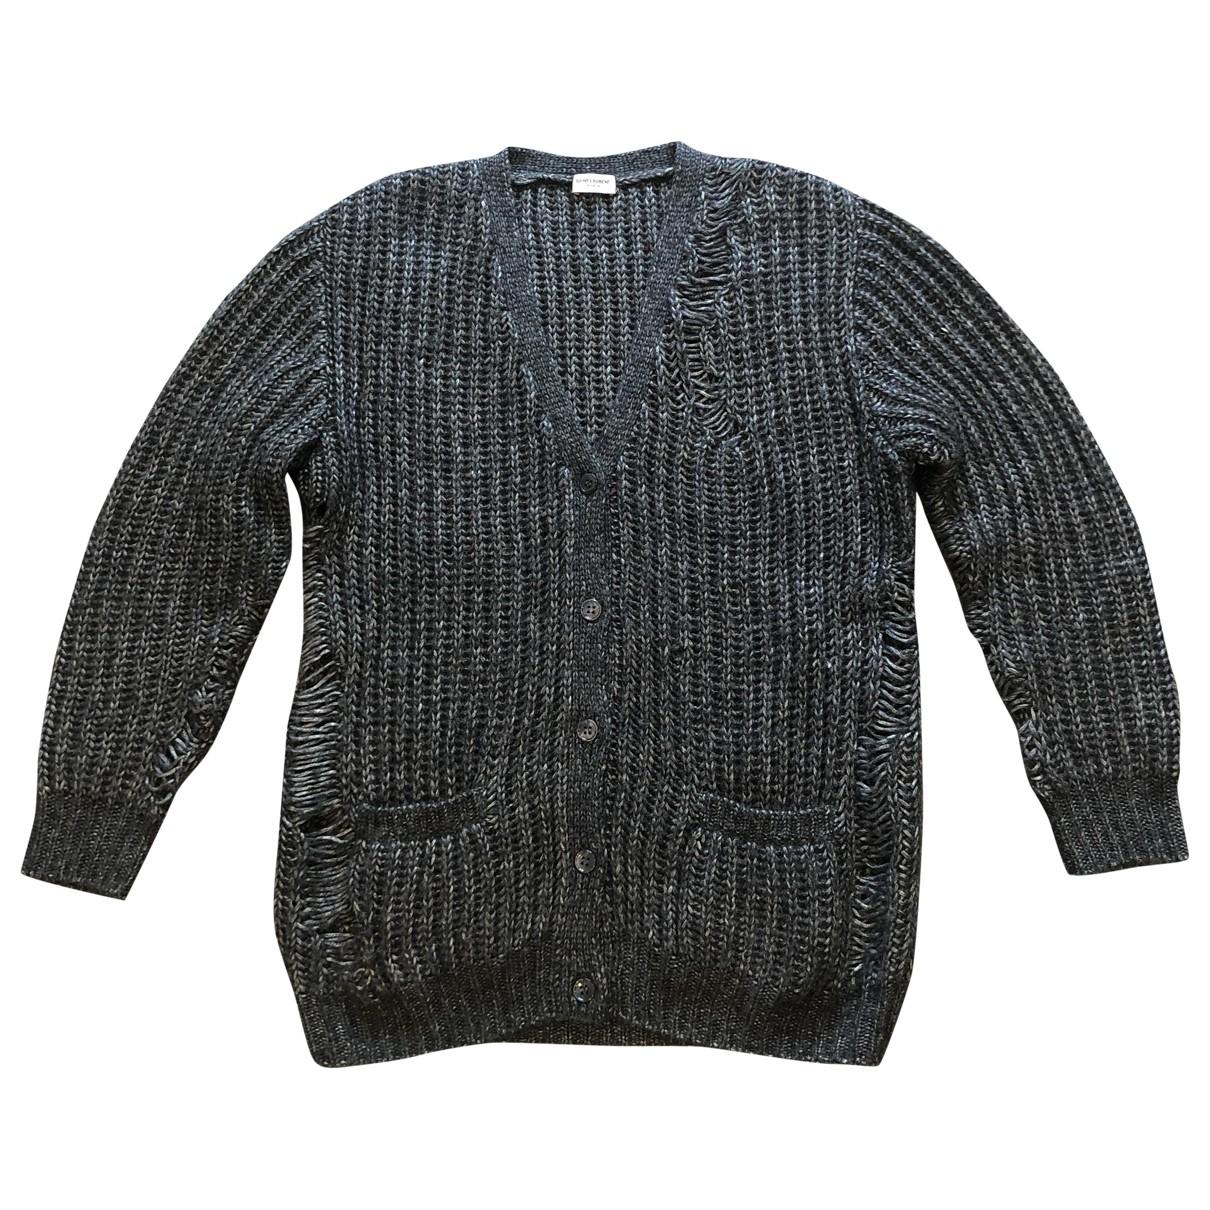 Saint Laurent \N Pullover in  Schwarz Polyester